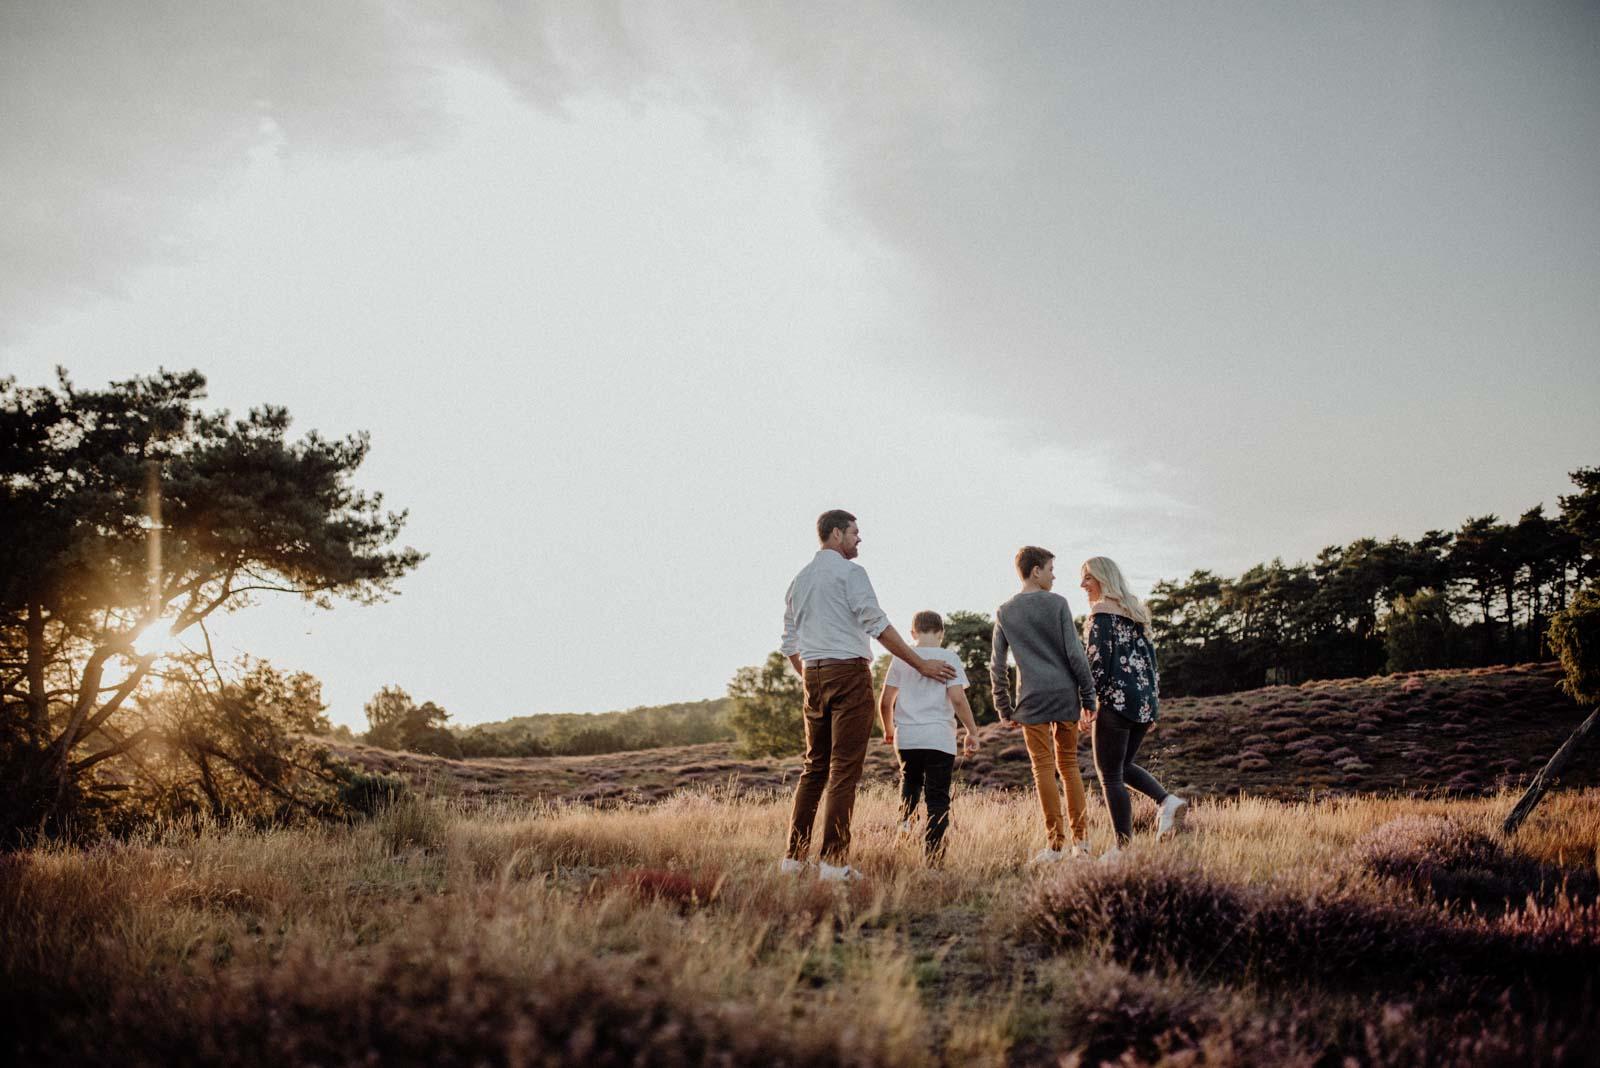 037-Familienfotos-Familienreportage-Heideshooting-natürlich-Heide